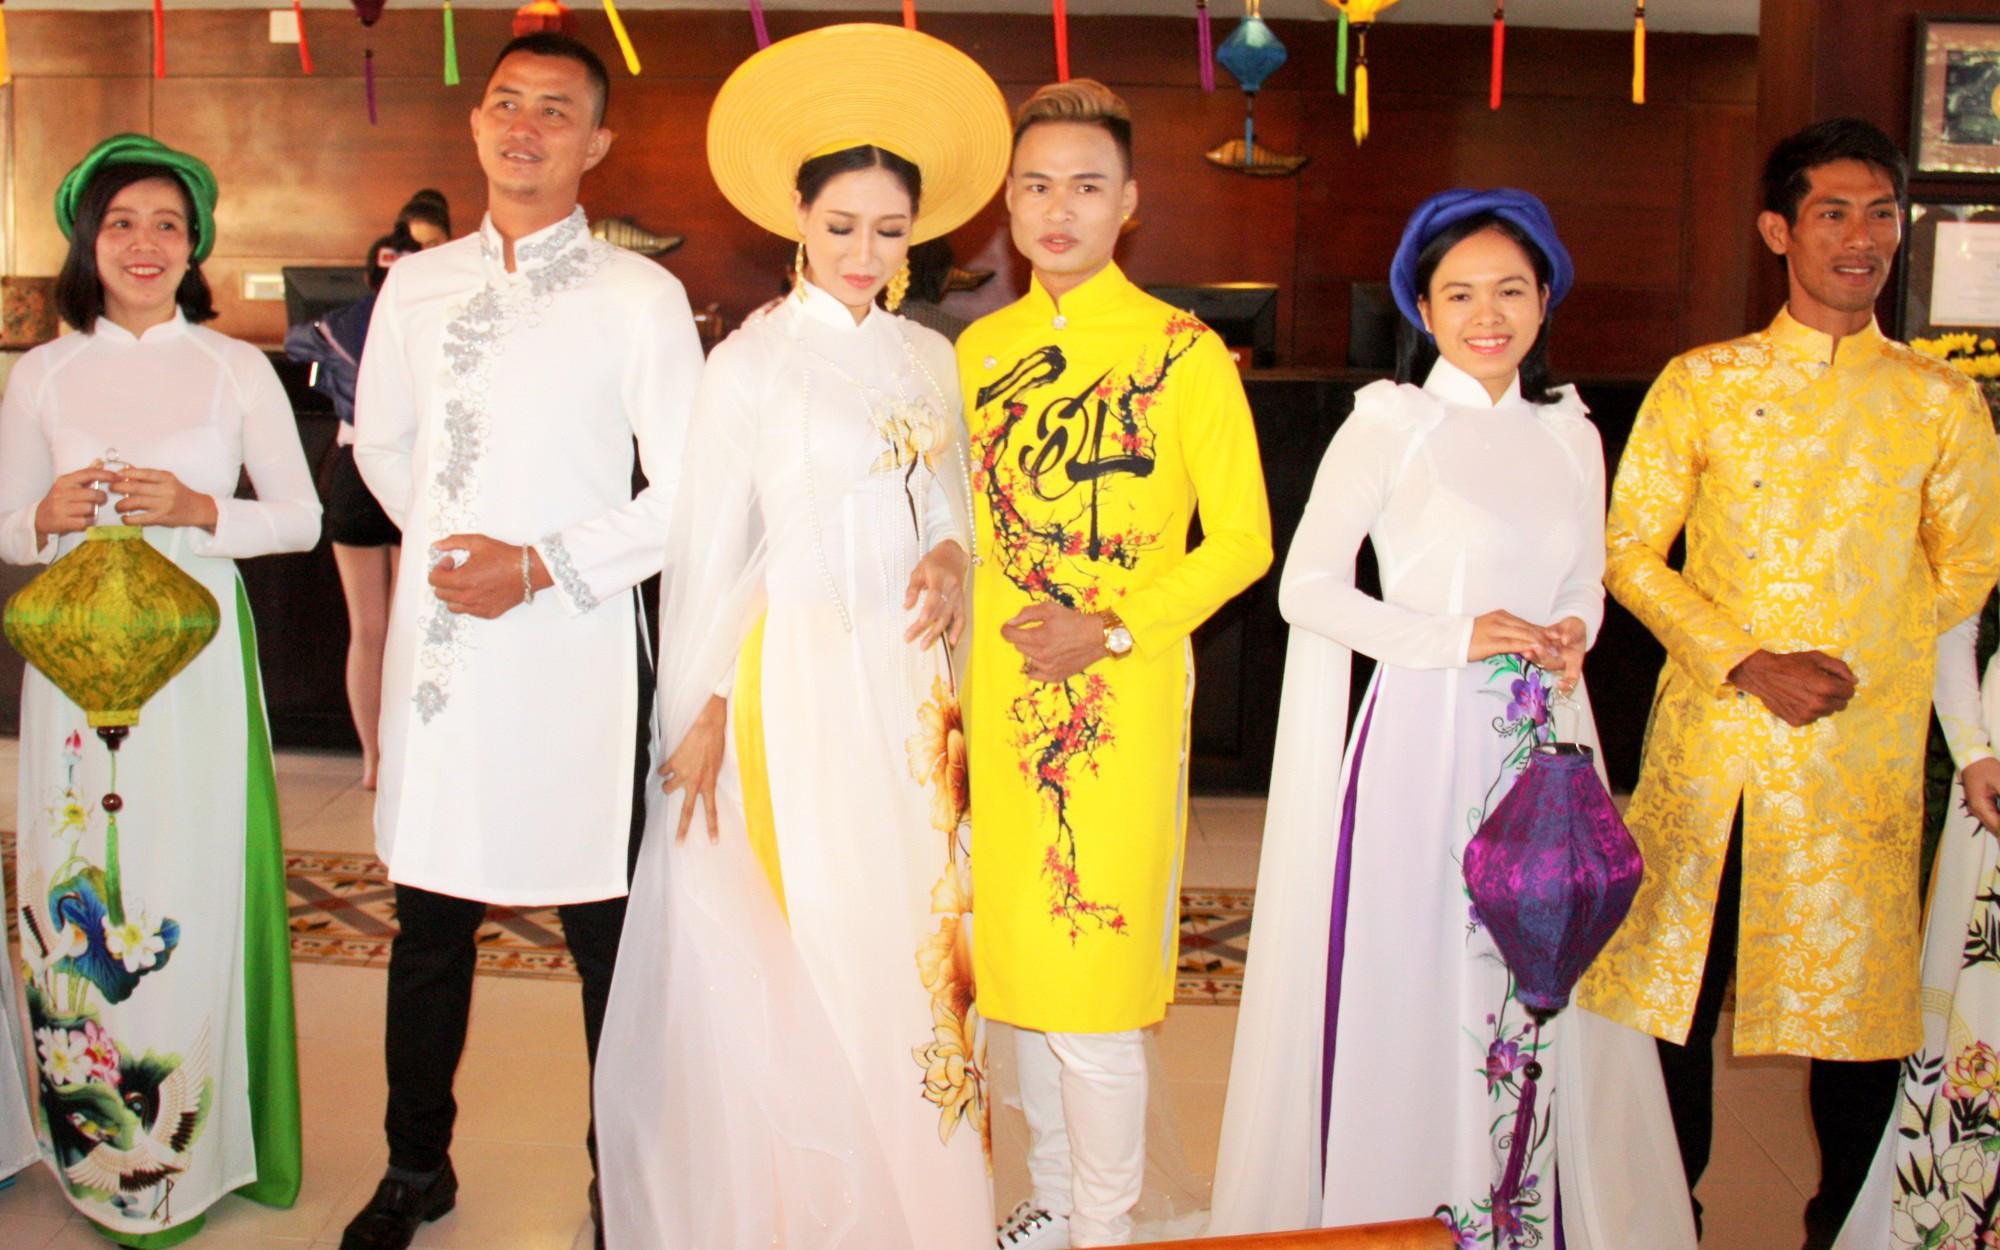 Bình Thuận đón gần 110.000 lượt khách dịp tết Kỷ Hợi